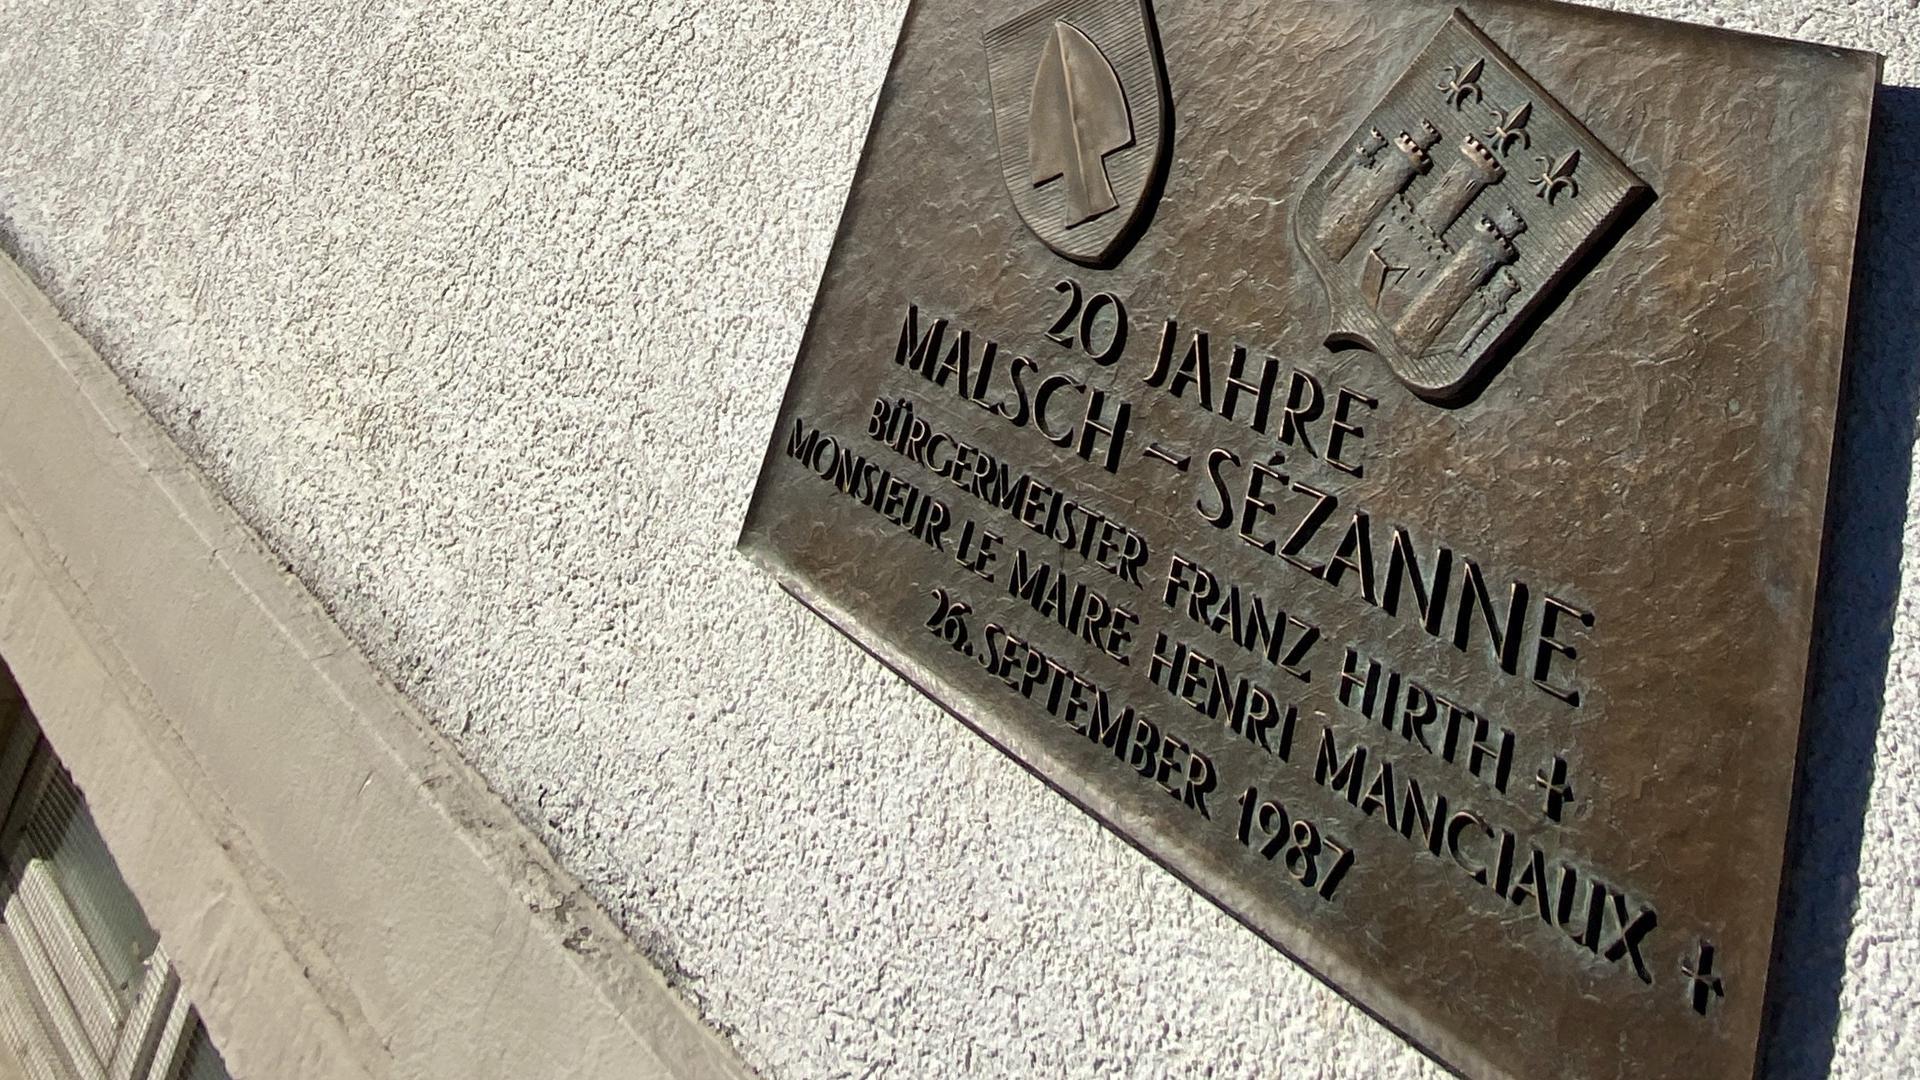 Tafel auf dem Malscher Rathaus bei Sonnenschein.